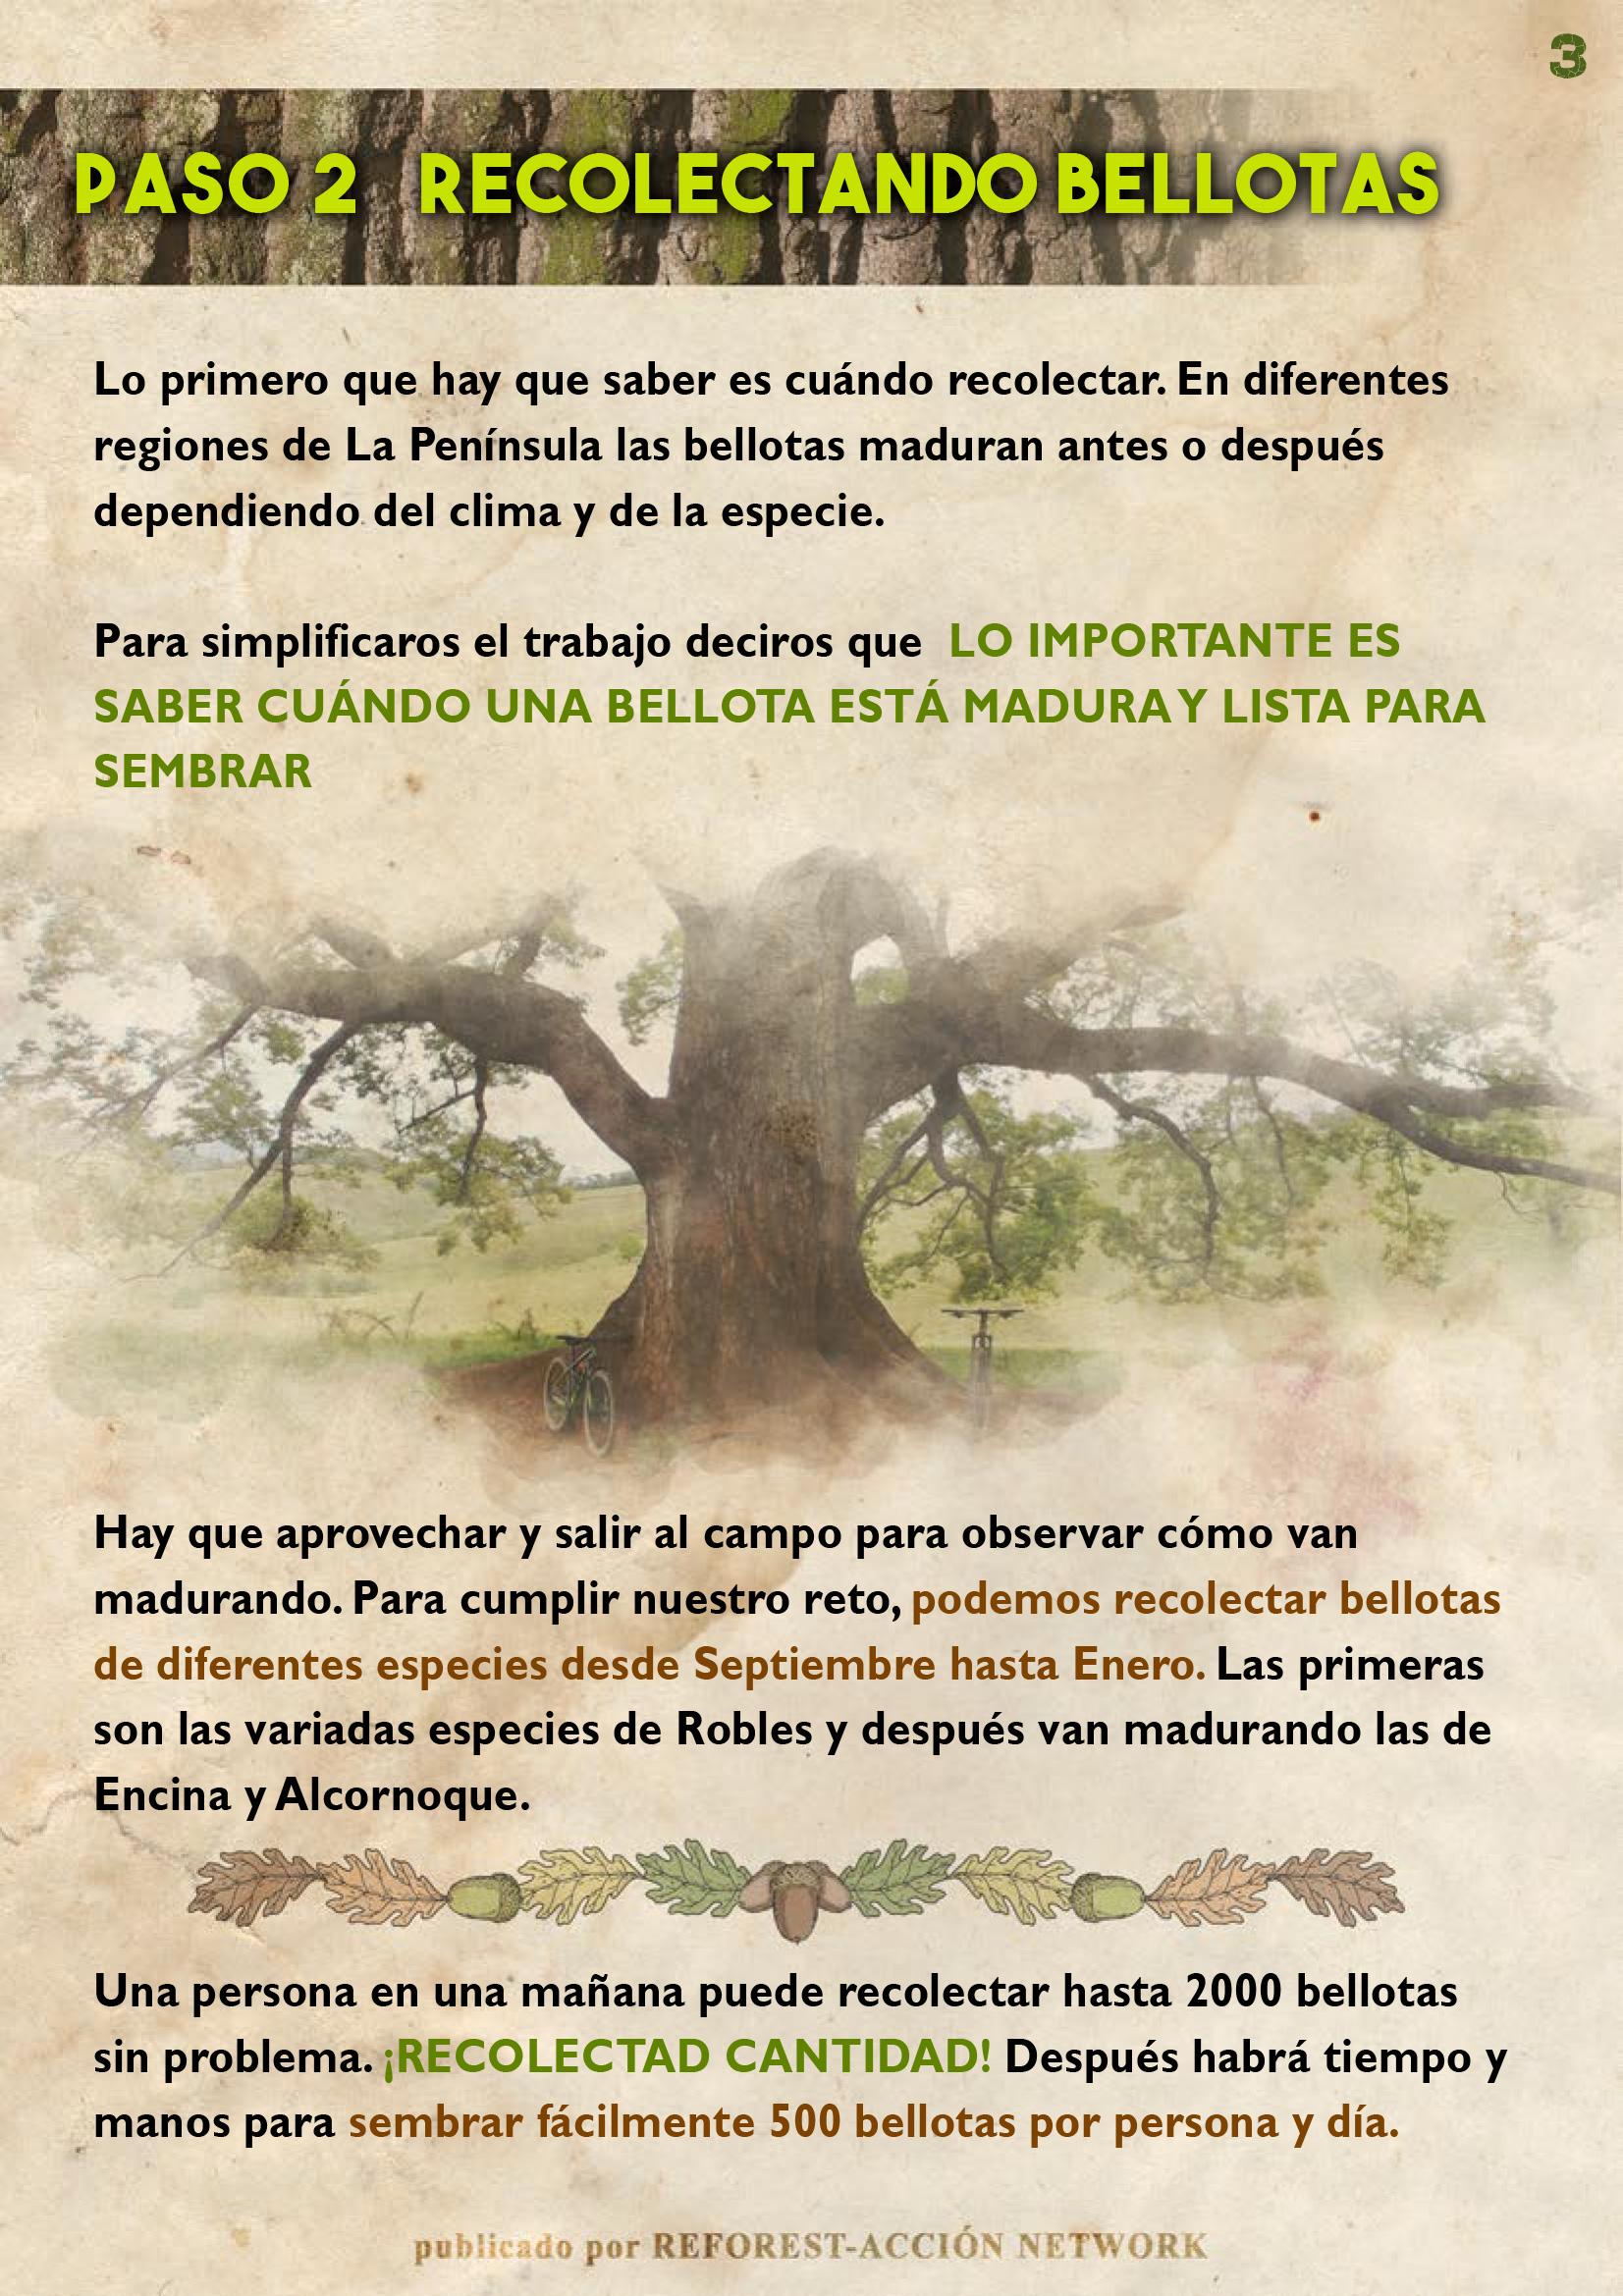 GUIA BELLOTERA - PAG 4